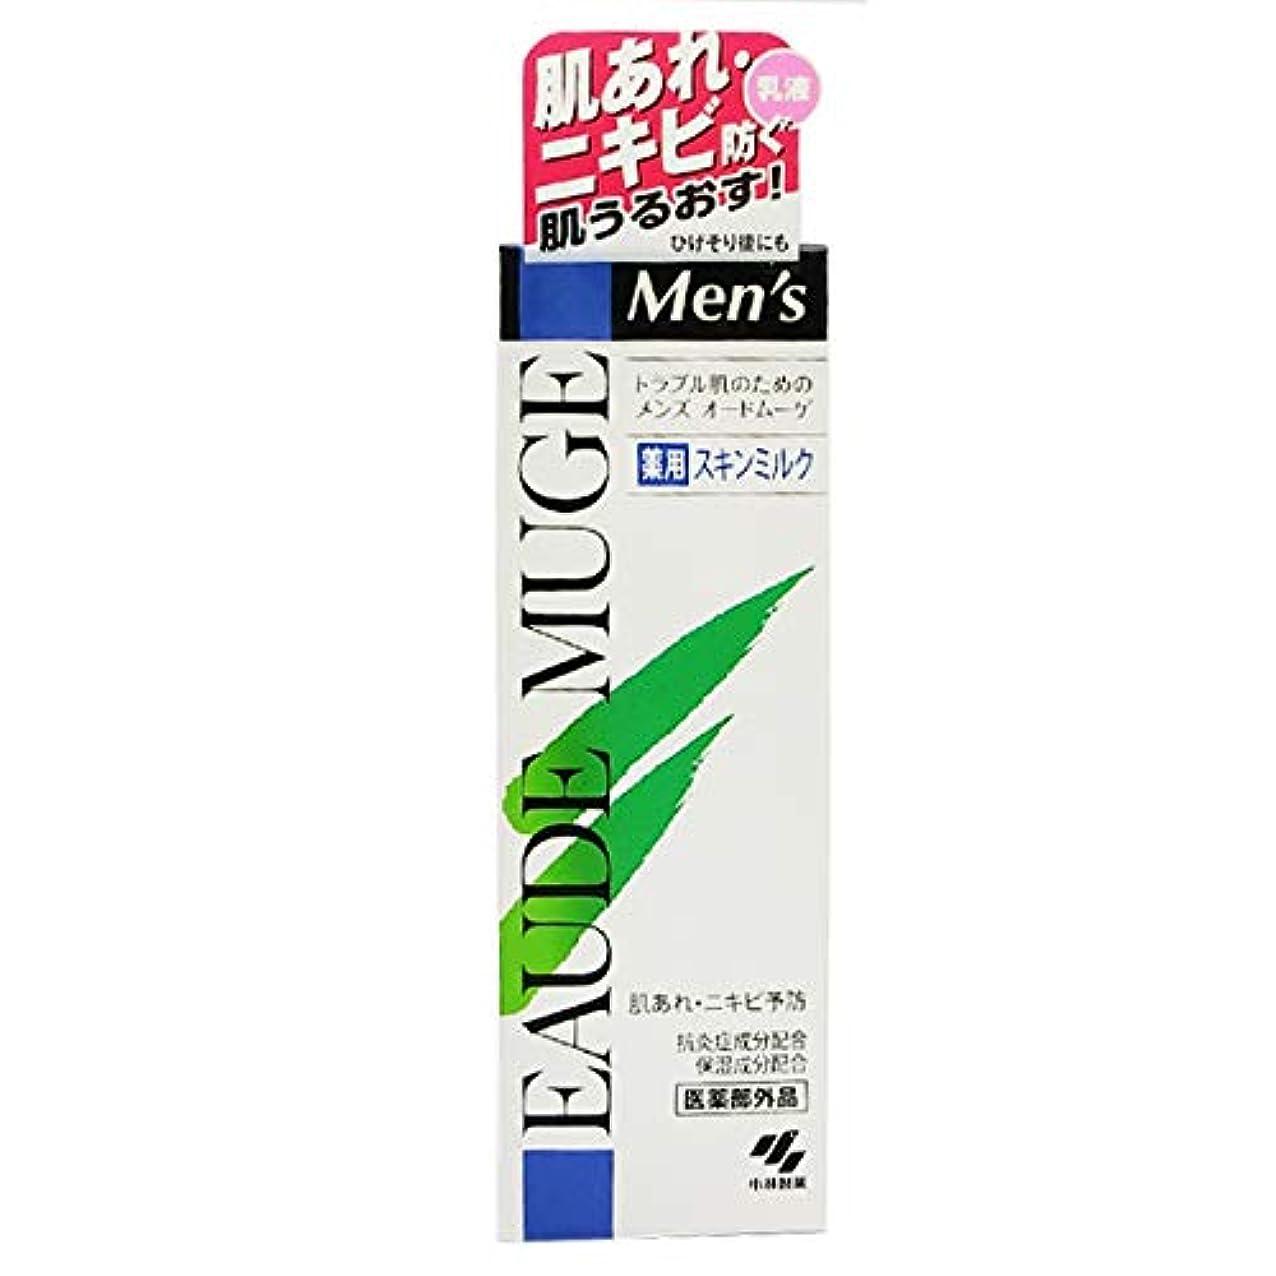 六月テロゴネリルメンズ オードムーゲ 薬用スキンミルク